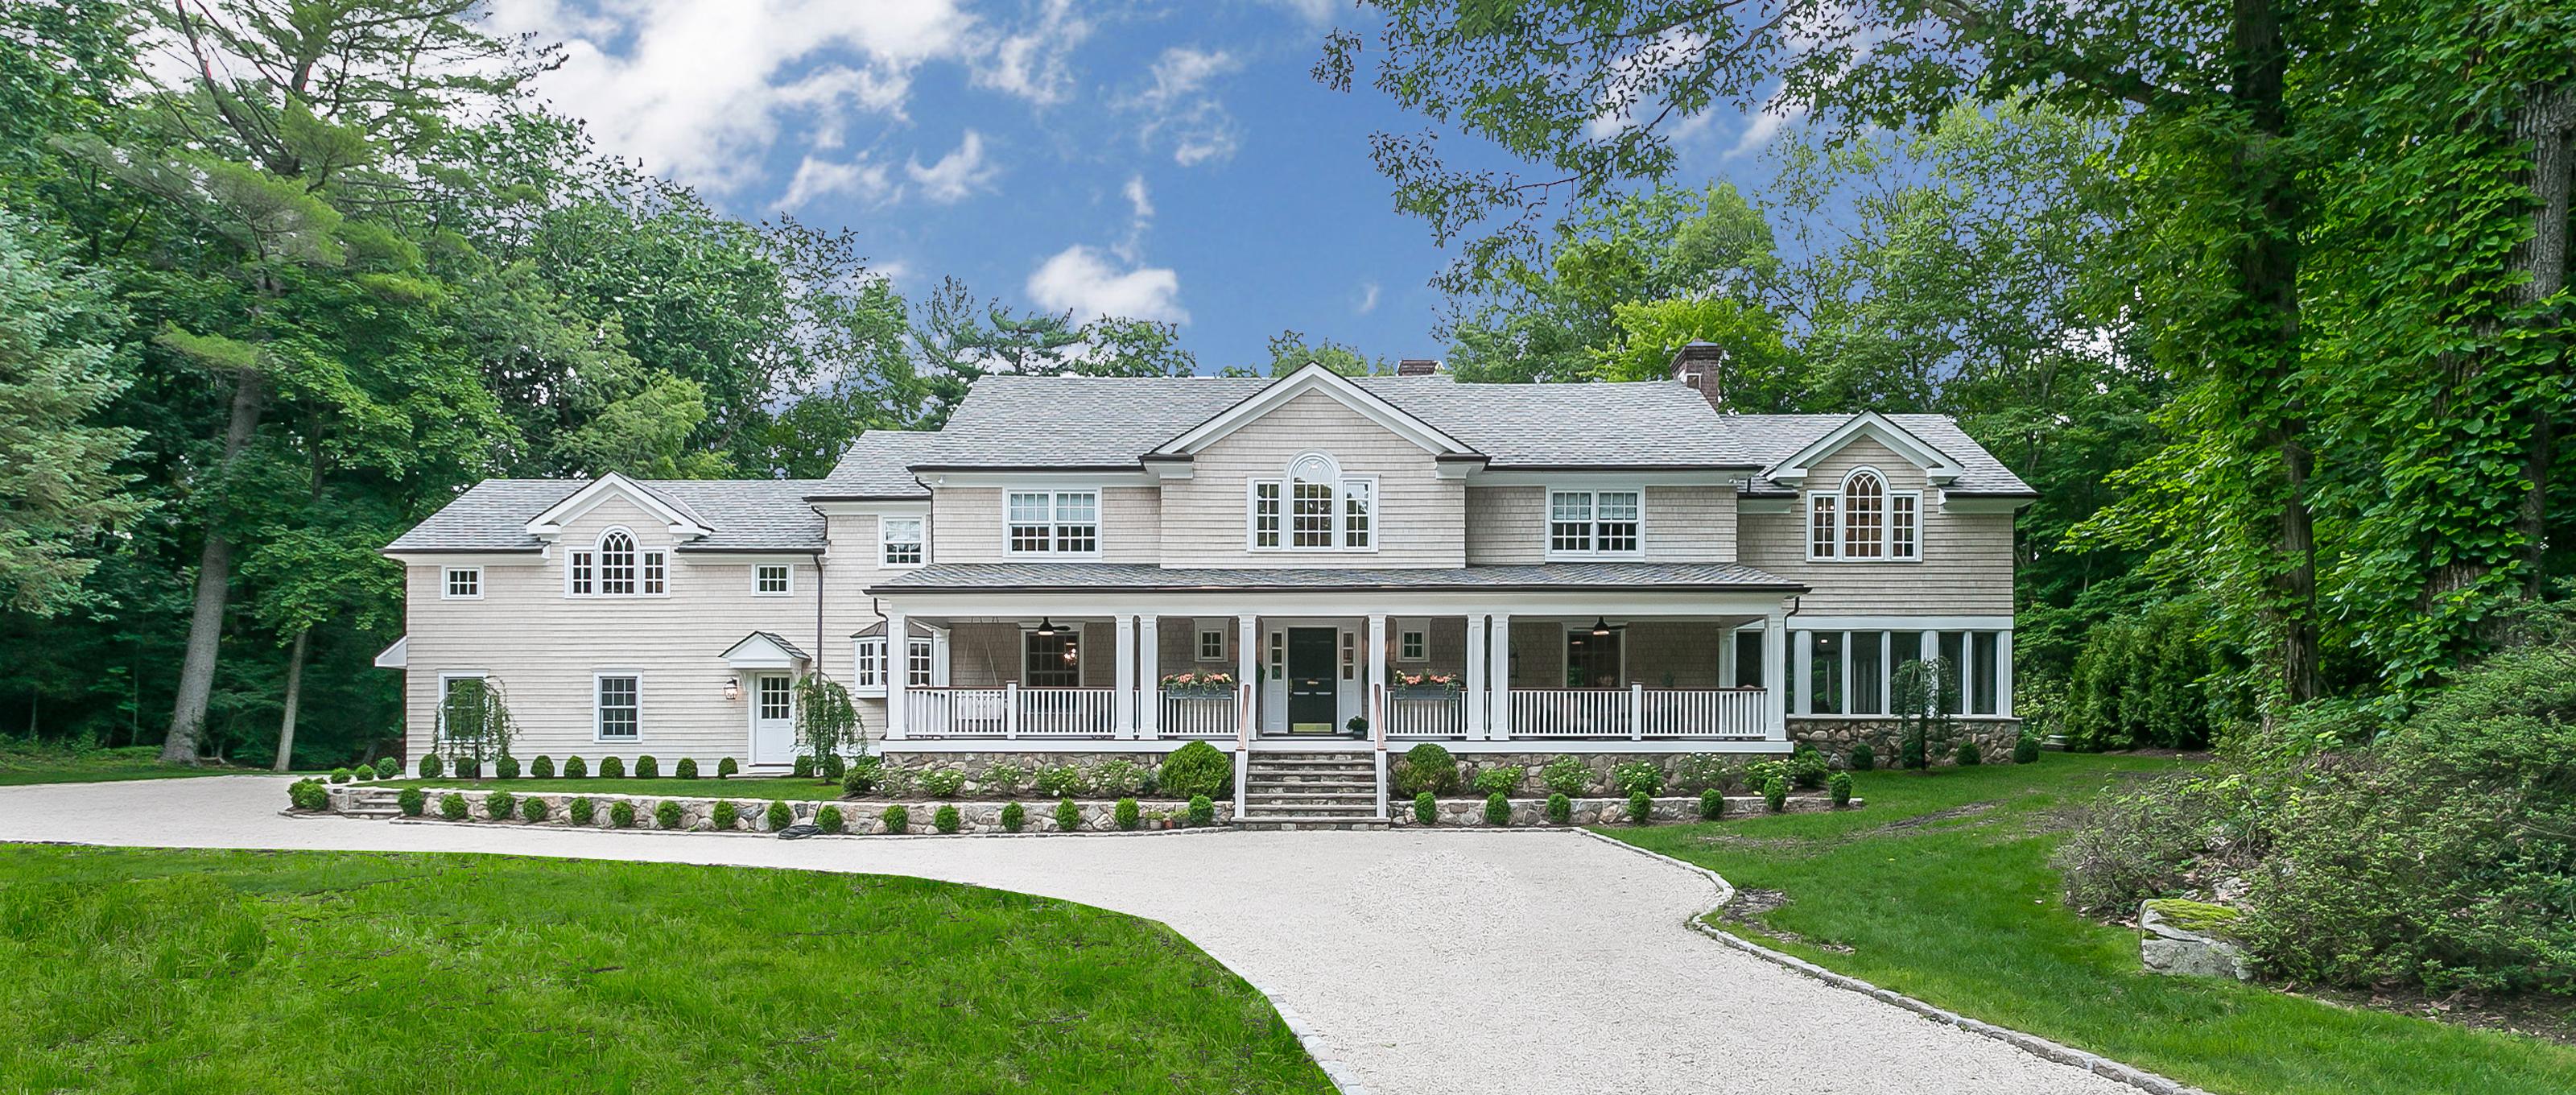 Villa per Vendita alle ore Spectacular rebuilt/new construction home 11 Archer Road Harrison, New York 10528 Stati Uniti